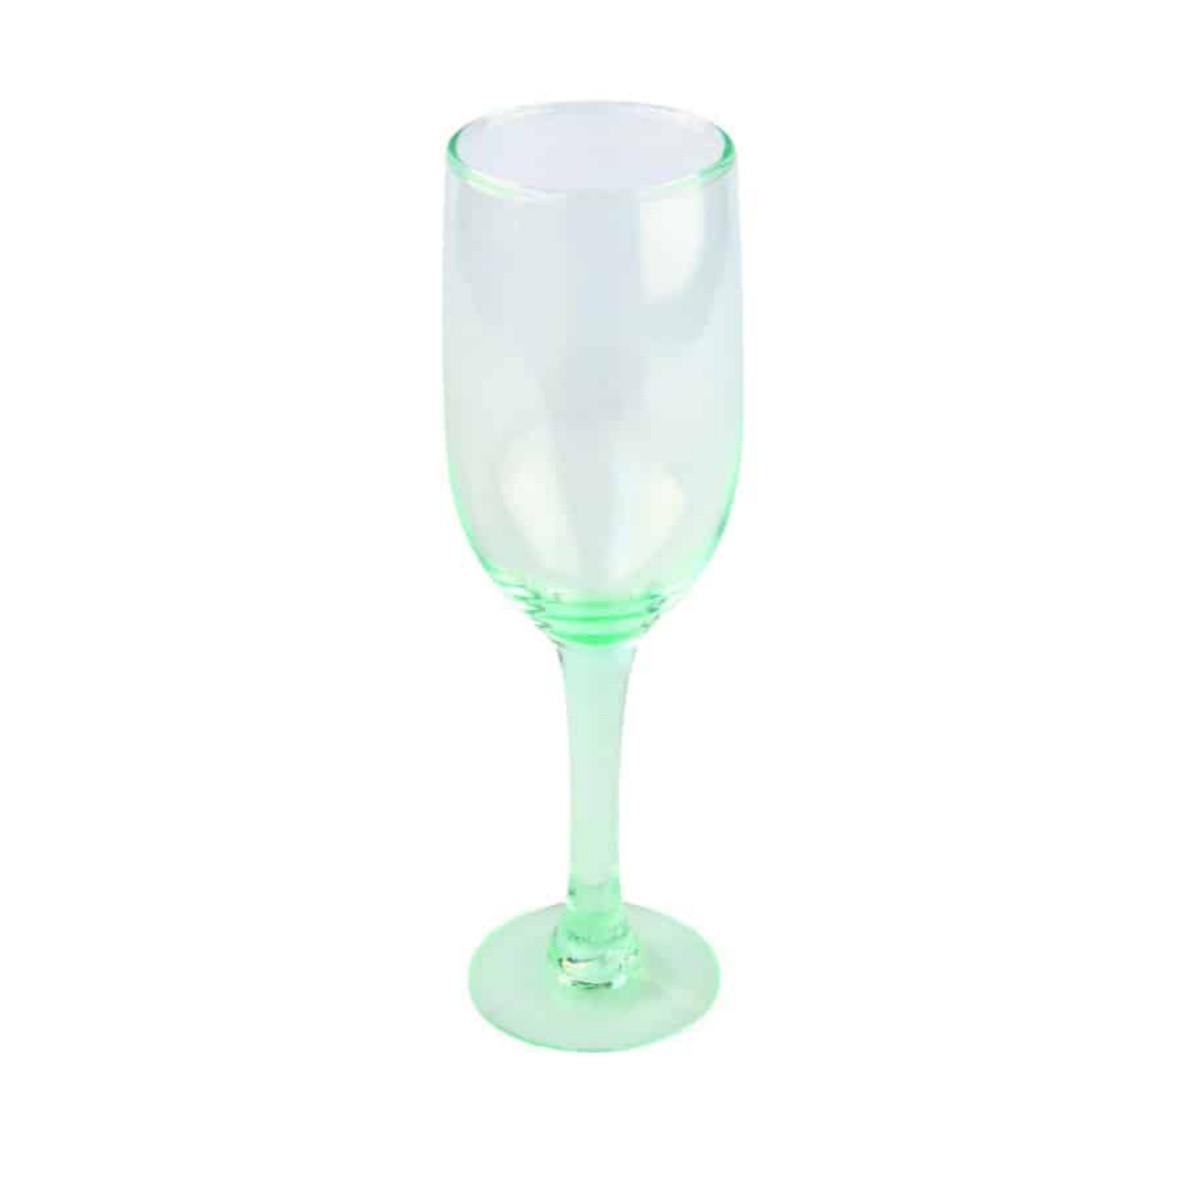 Szklany kieliszek Recycled Glass Be Home